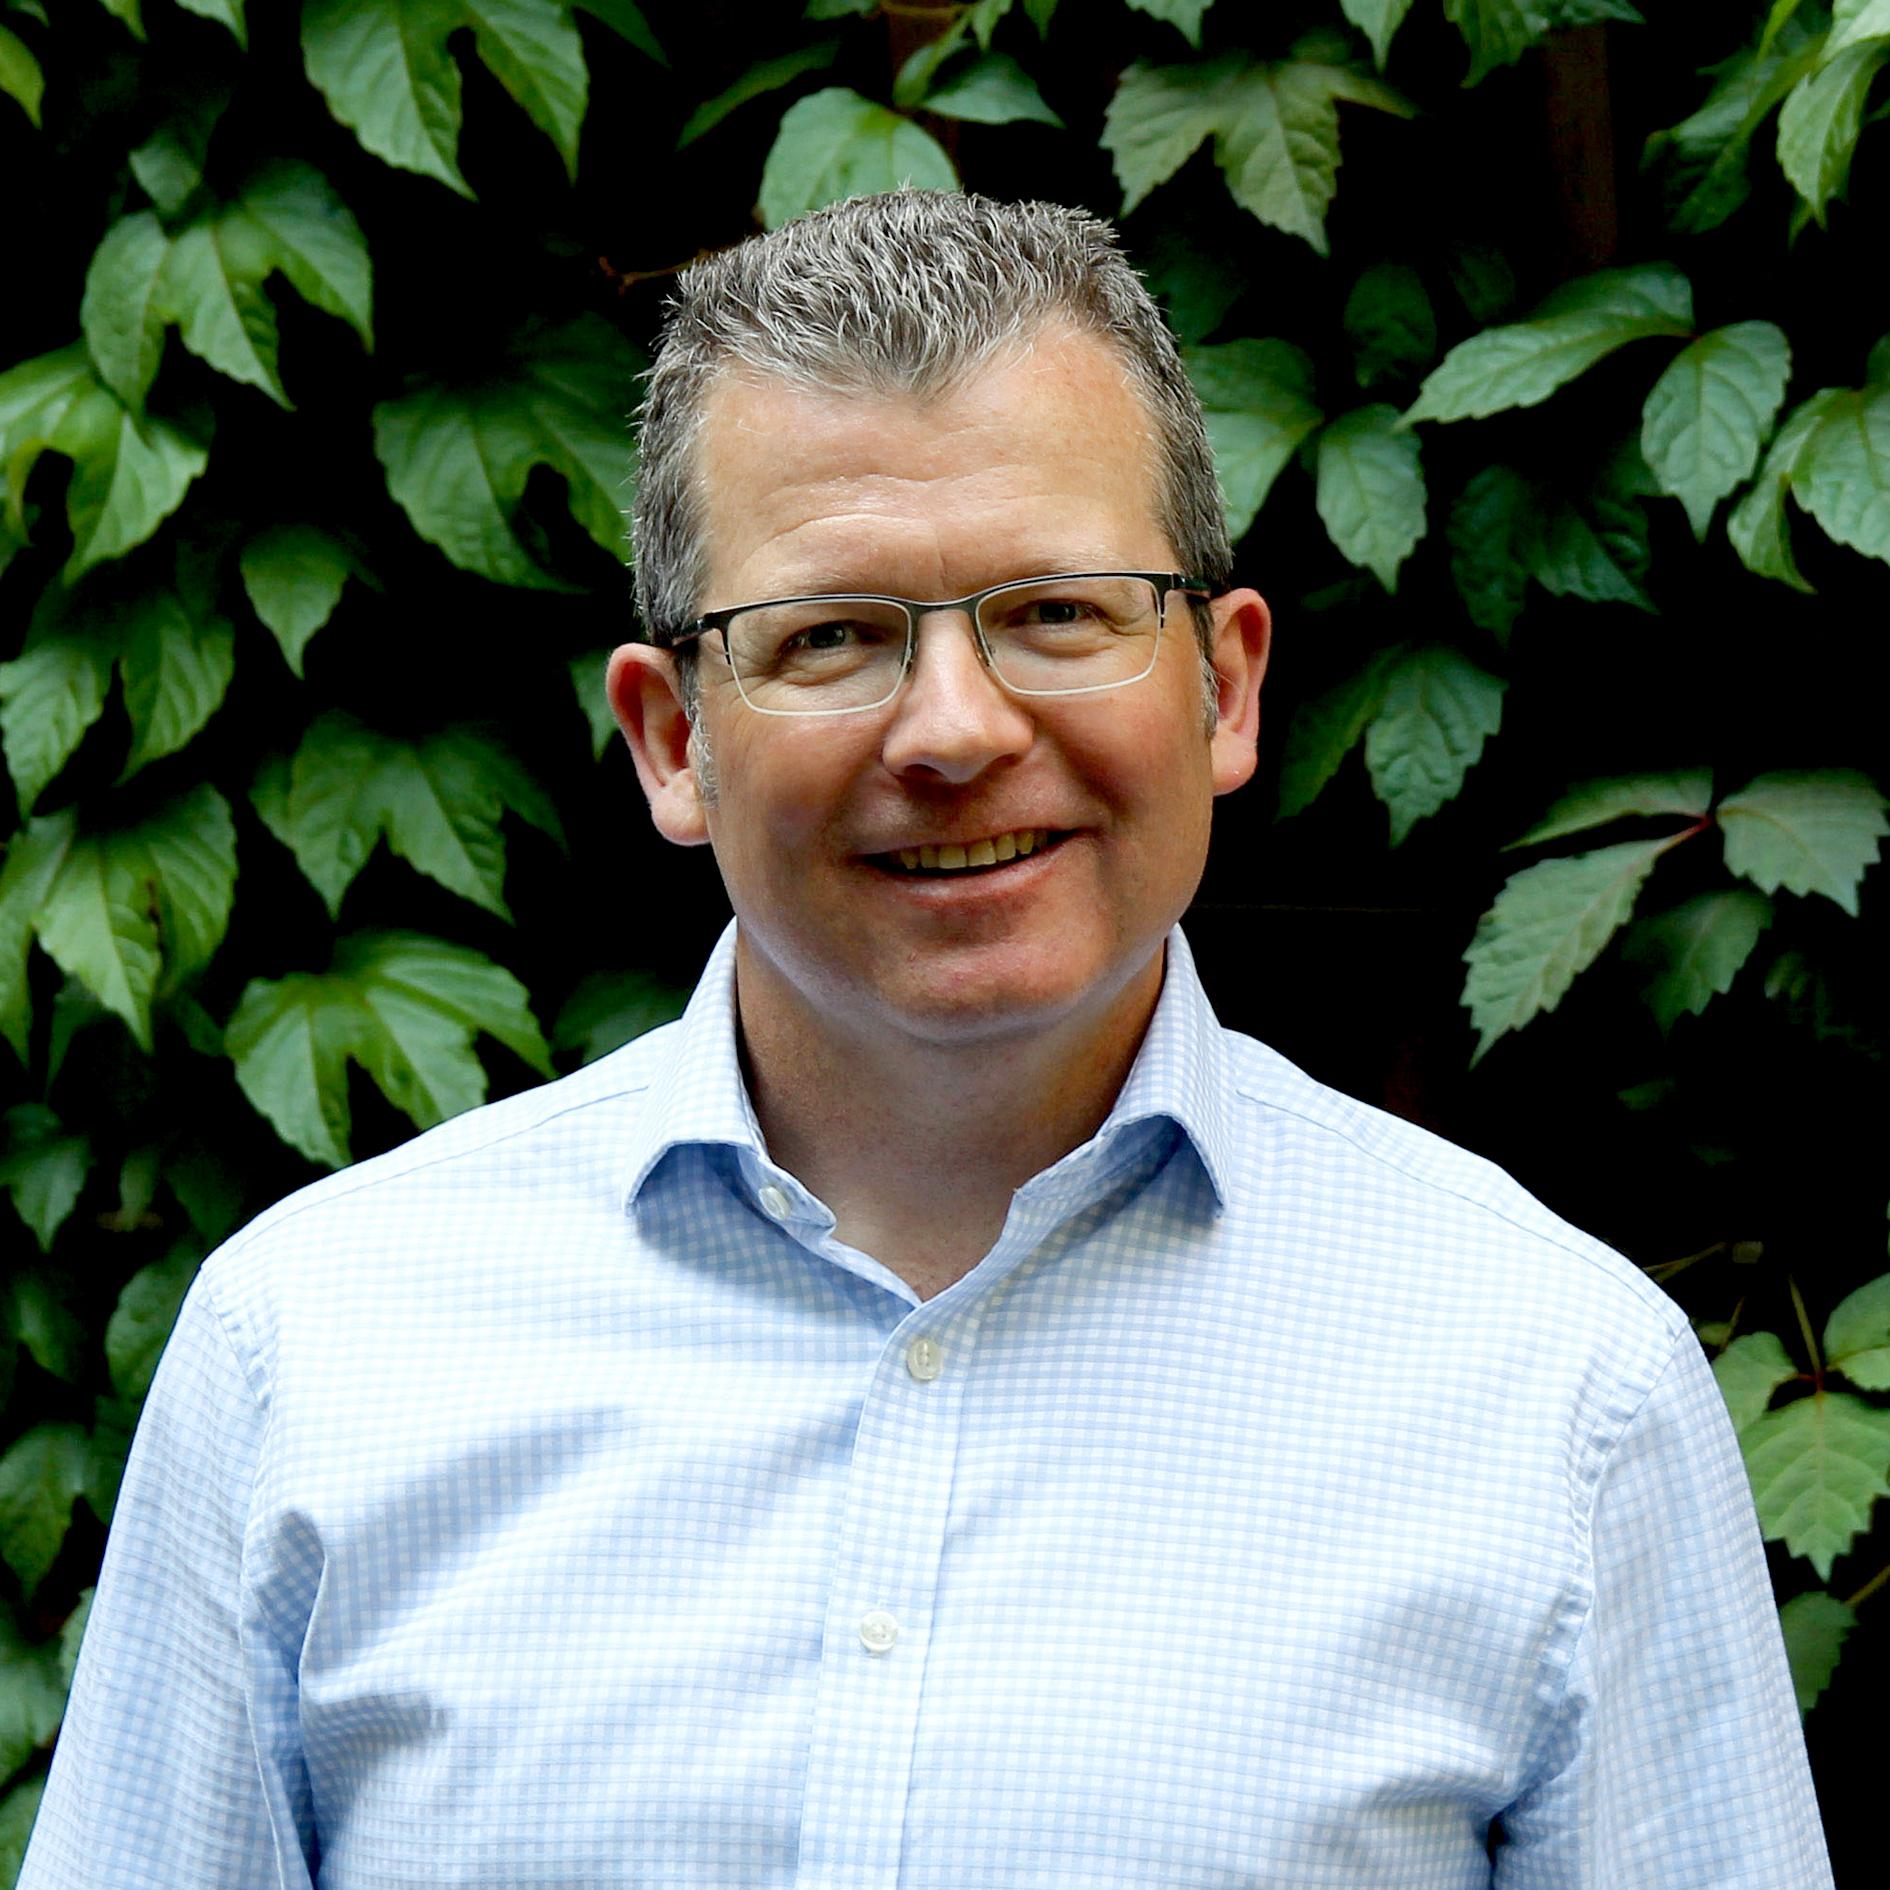 Alistair Moore